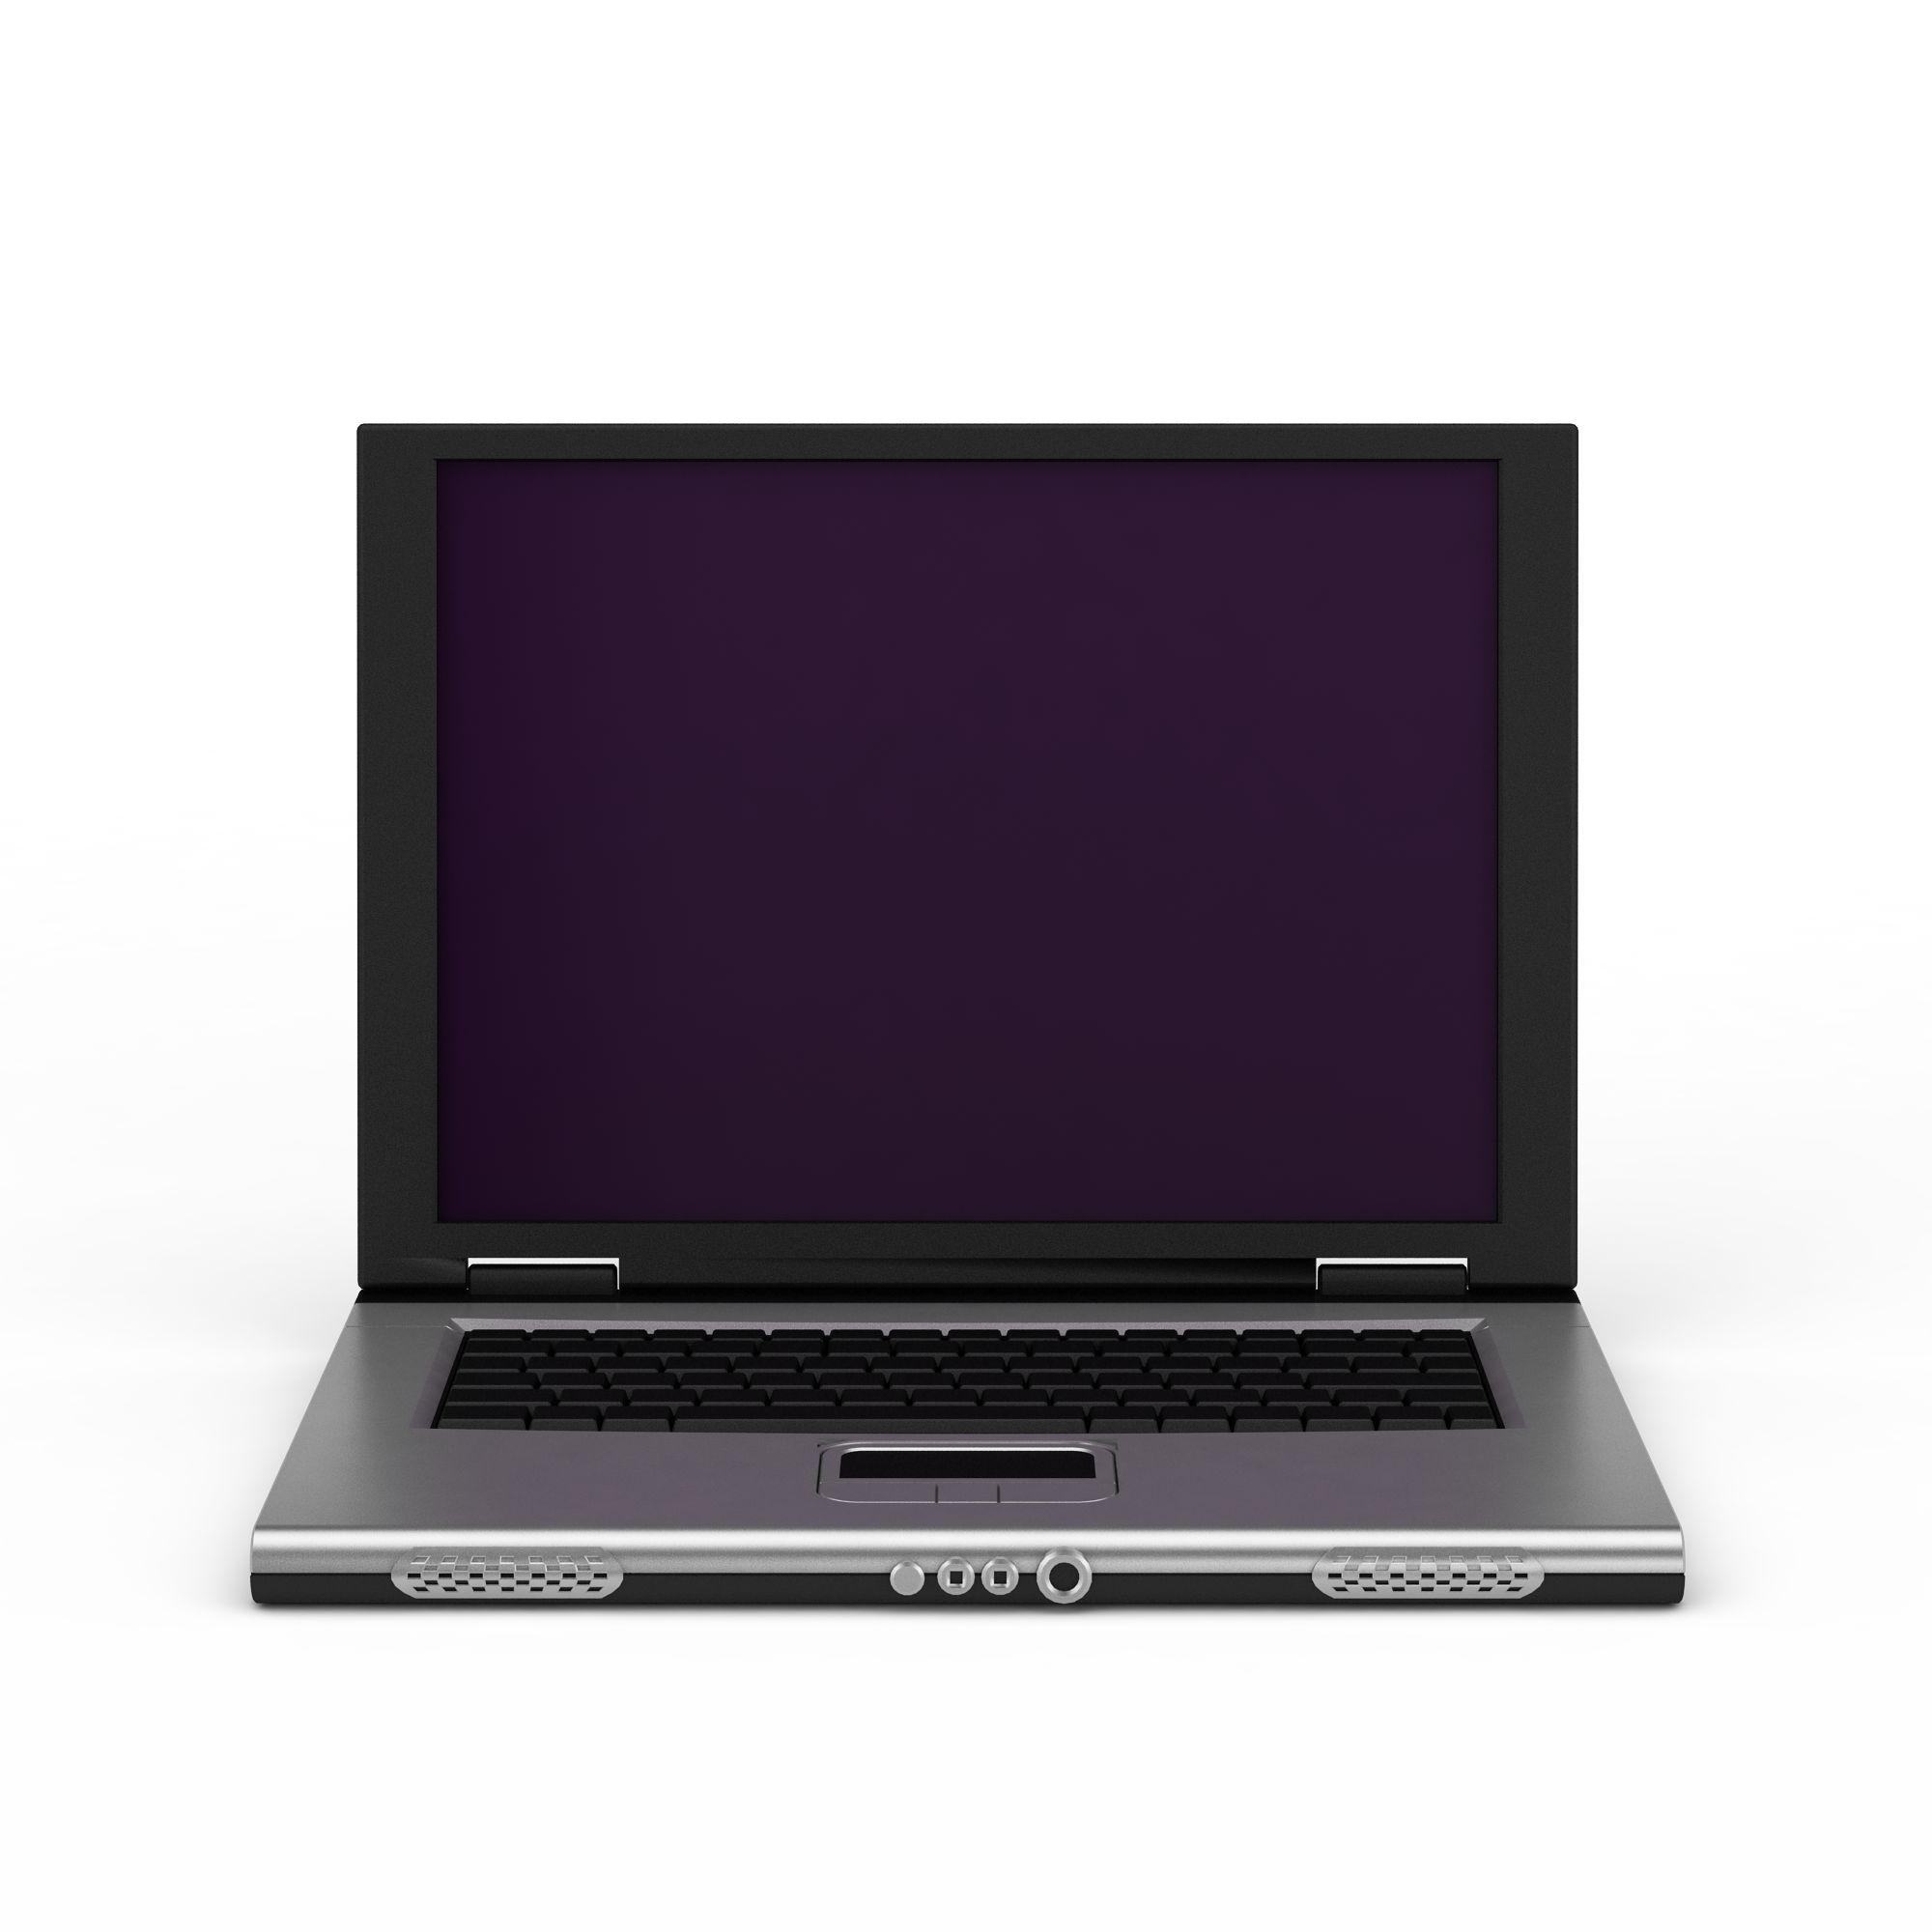 笔记本电脑png高清图  笔记本电脑高清图详情 设计师 3d学院 模型名称图片